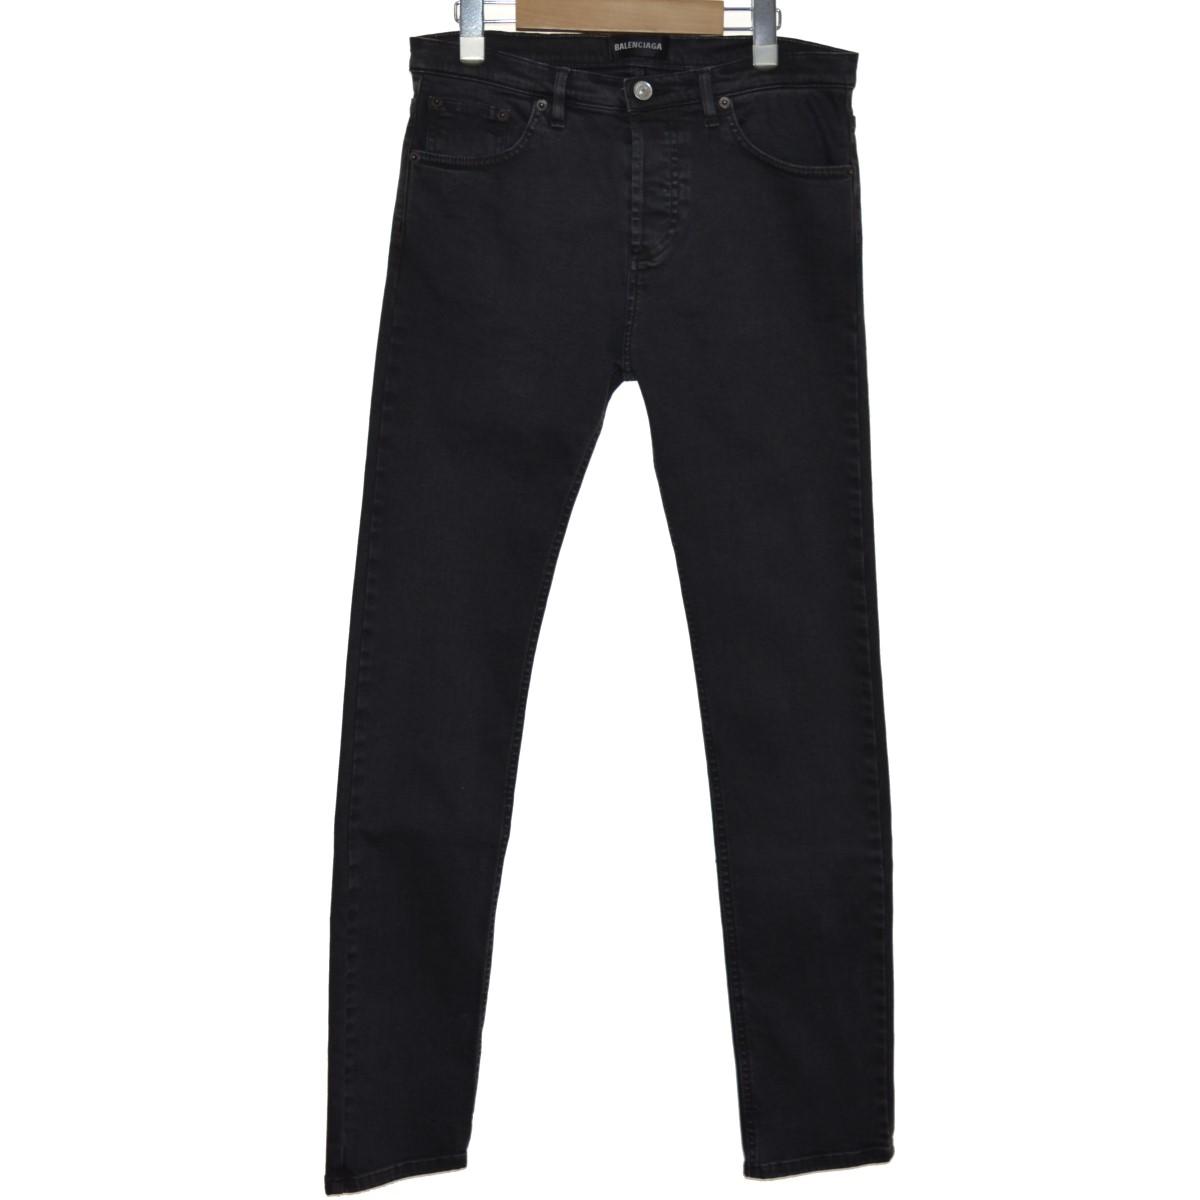 【中古】BALENCIAGA 18SS ブラックスキニーデニム ブラック サイズ:28 【300320】(バレンシアガ)